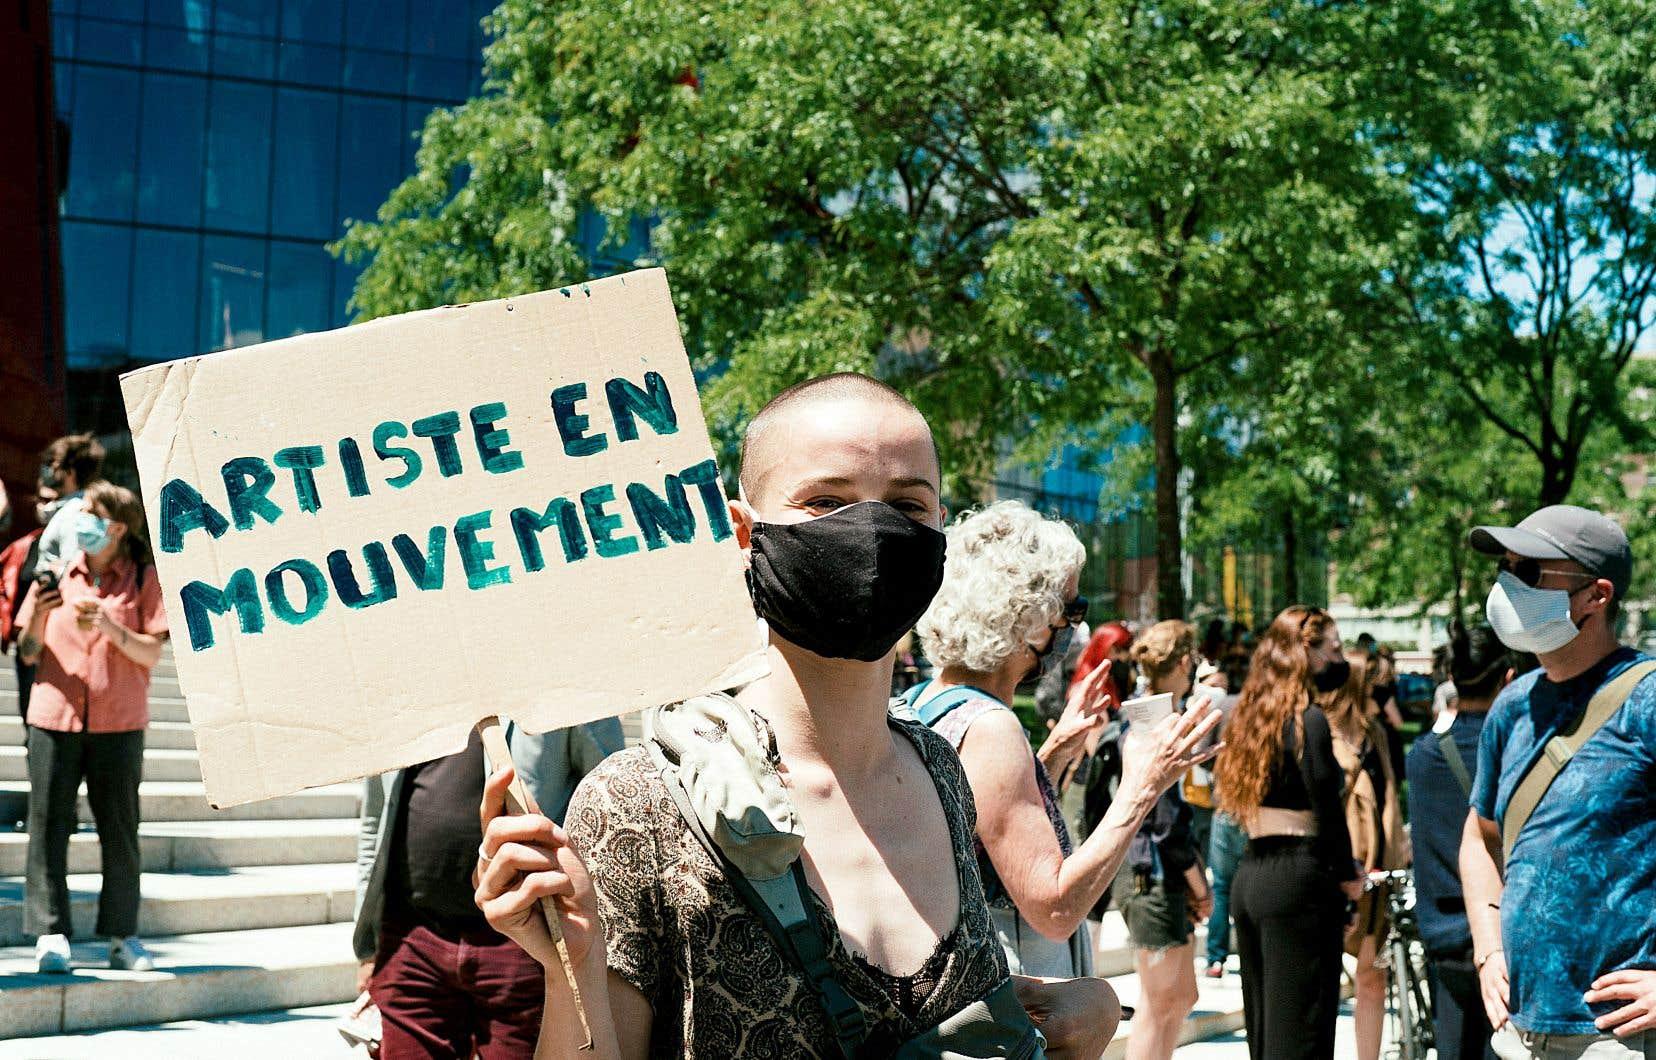 Les artisans des arts vivants ont répondu à l'appel du metteur en scène Martin Faucher, lancé la semaine dernière, et se sont réunis à midi dans le Quartier des spectacles à Montréal et devant le parlement à Québec.